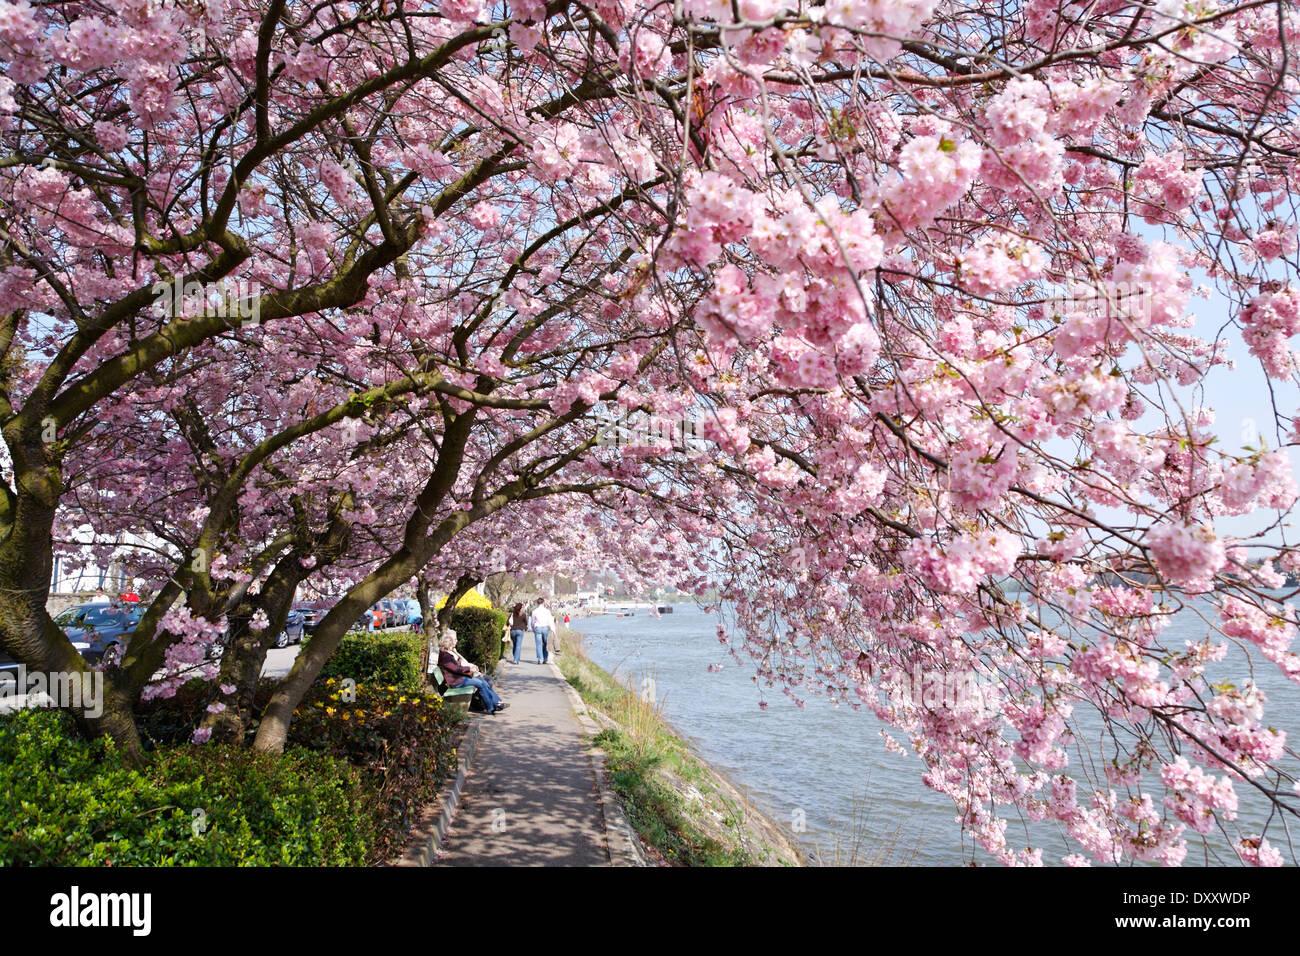 Germany, Hesse, Eltville, Rhine, river promenade, cherry blossom, Hessen, Eltville, Rhein, Flußpromenade, Kirschblüten - Stock Image